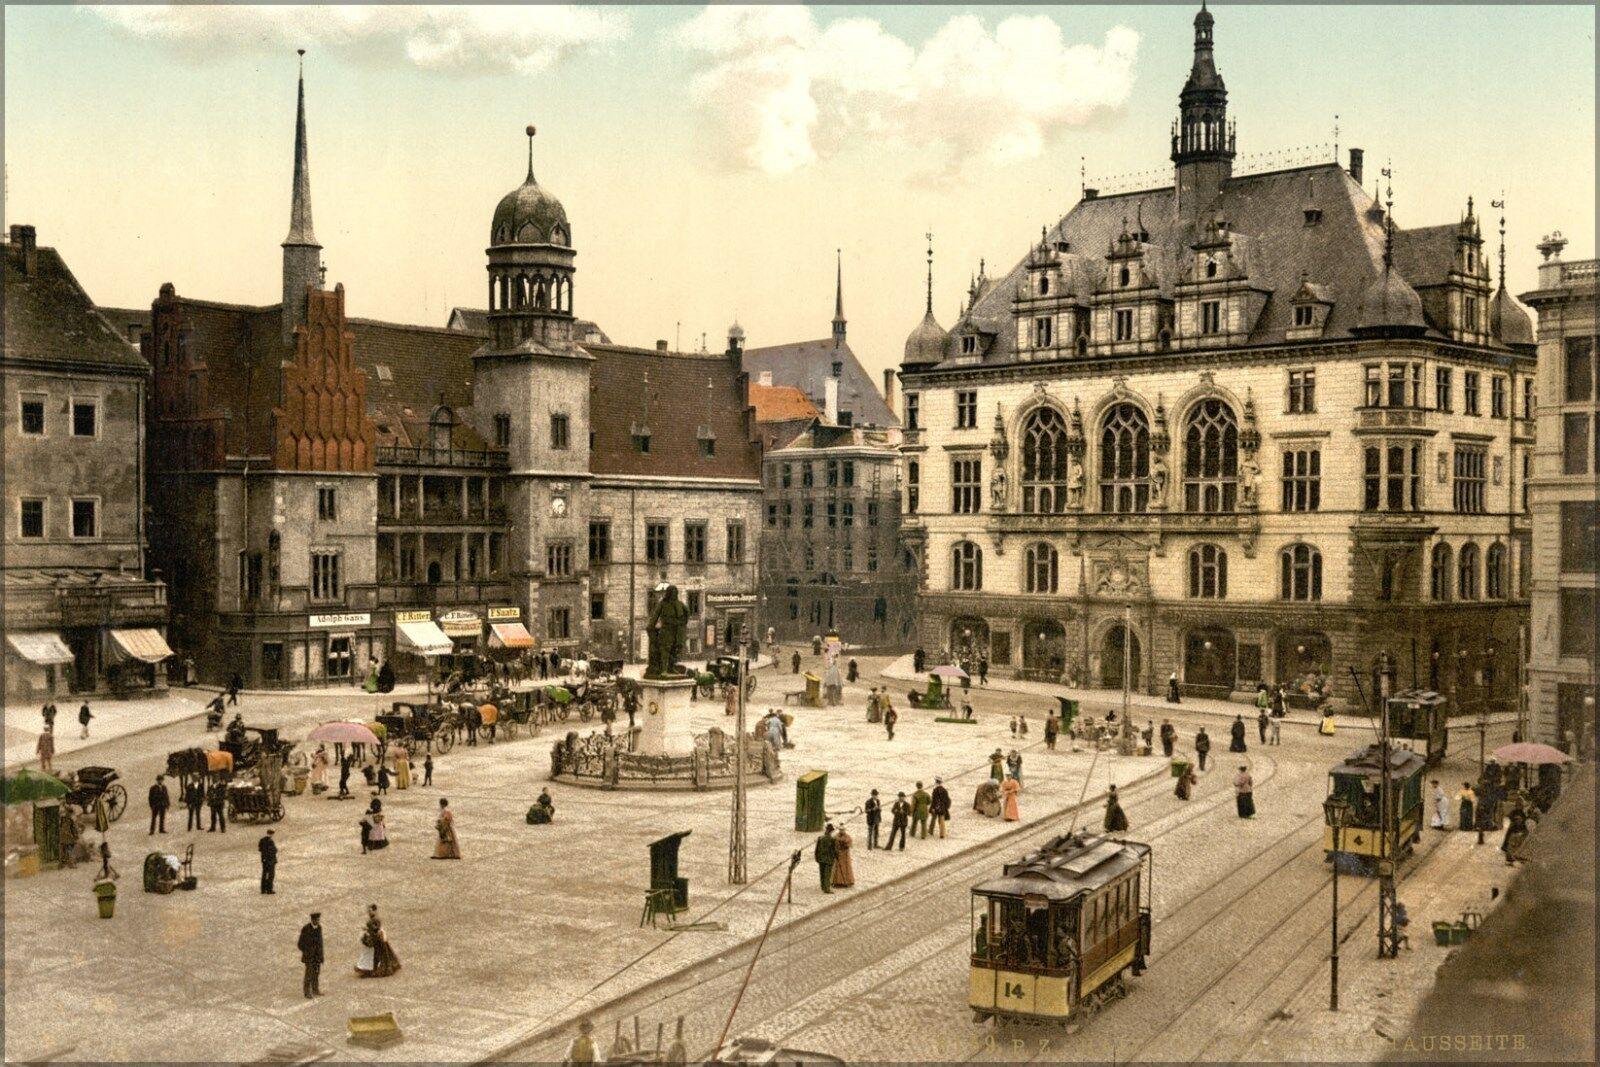 Poster, Many Größes; Market Place Hotel De Ville, Halle, German Saxony, Germany 1